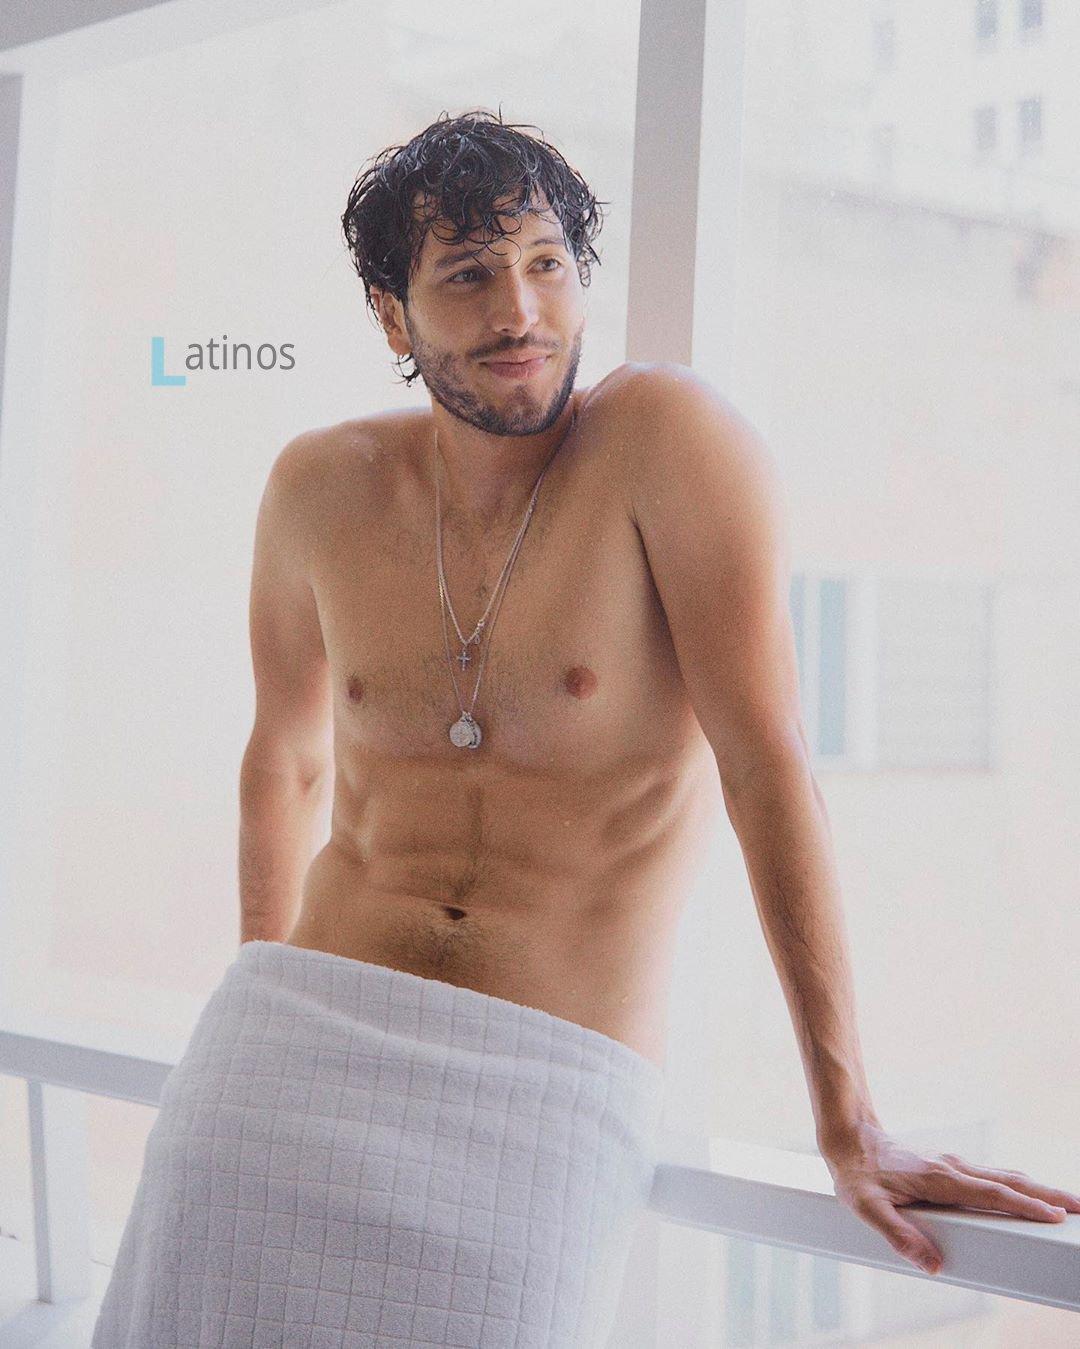 yatra en toalla